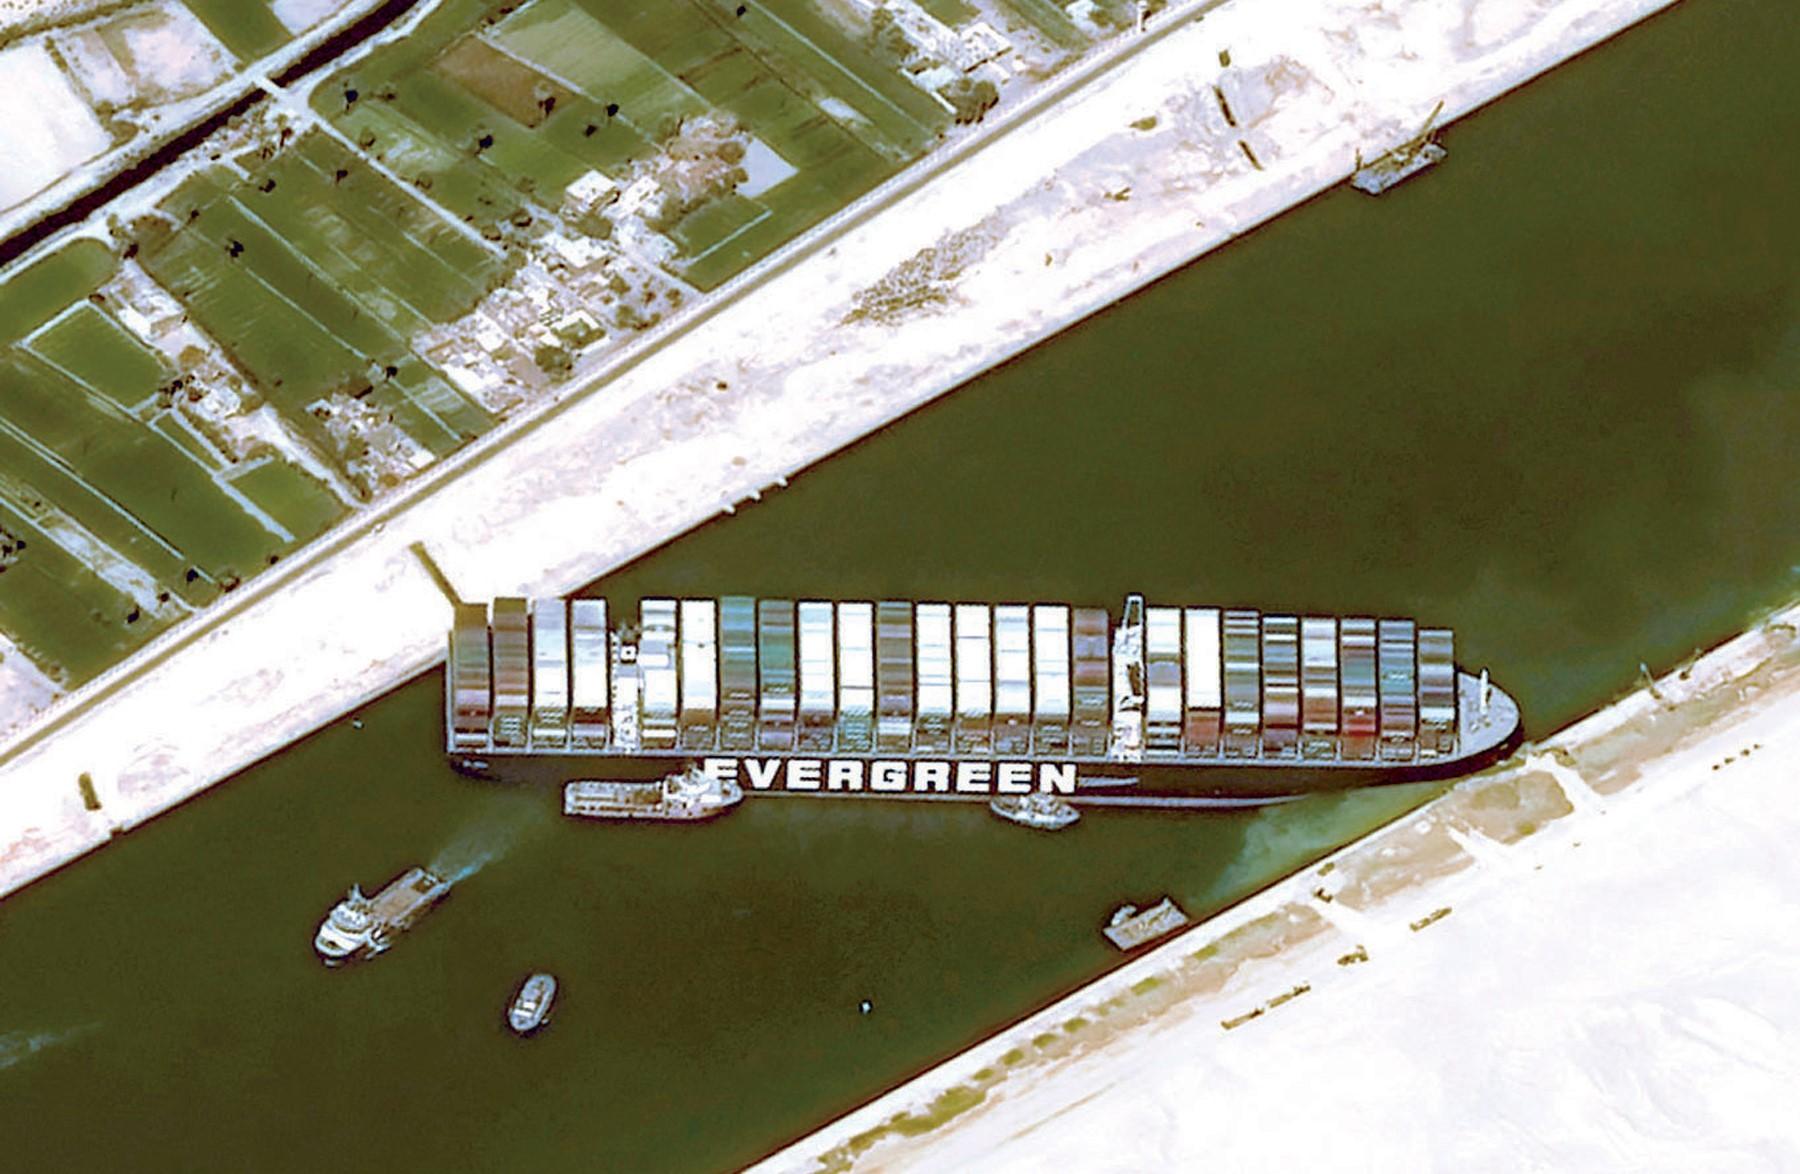 الشركة المالكة للسفينة العالقة في قناة السويس تكشف آخر التطورات وتتوقع تعويمها مساء اليوم